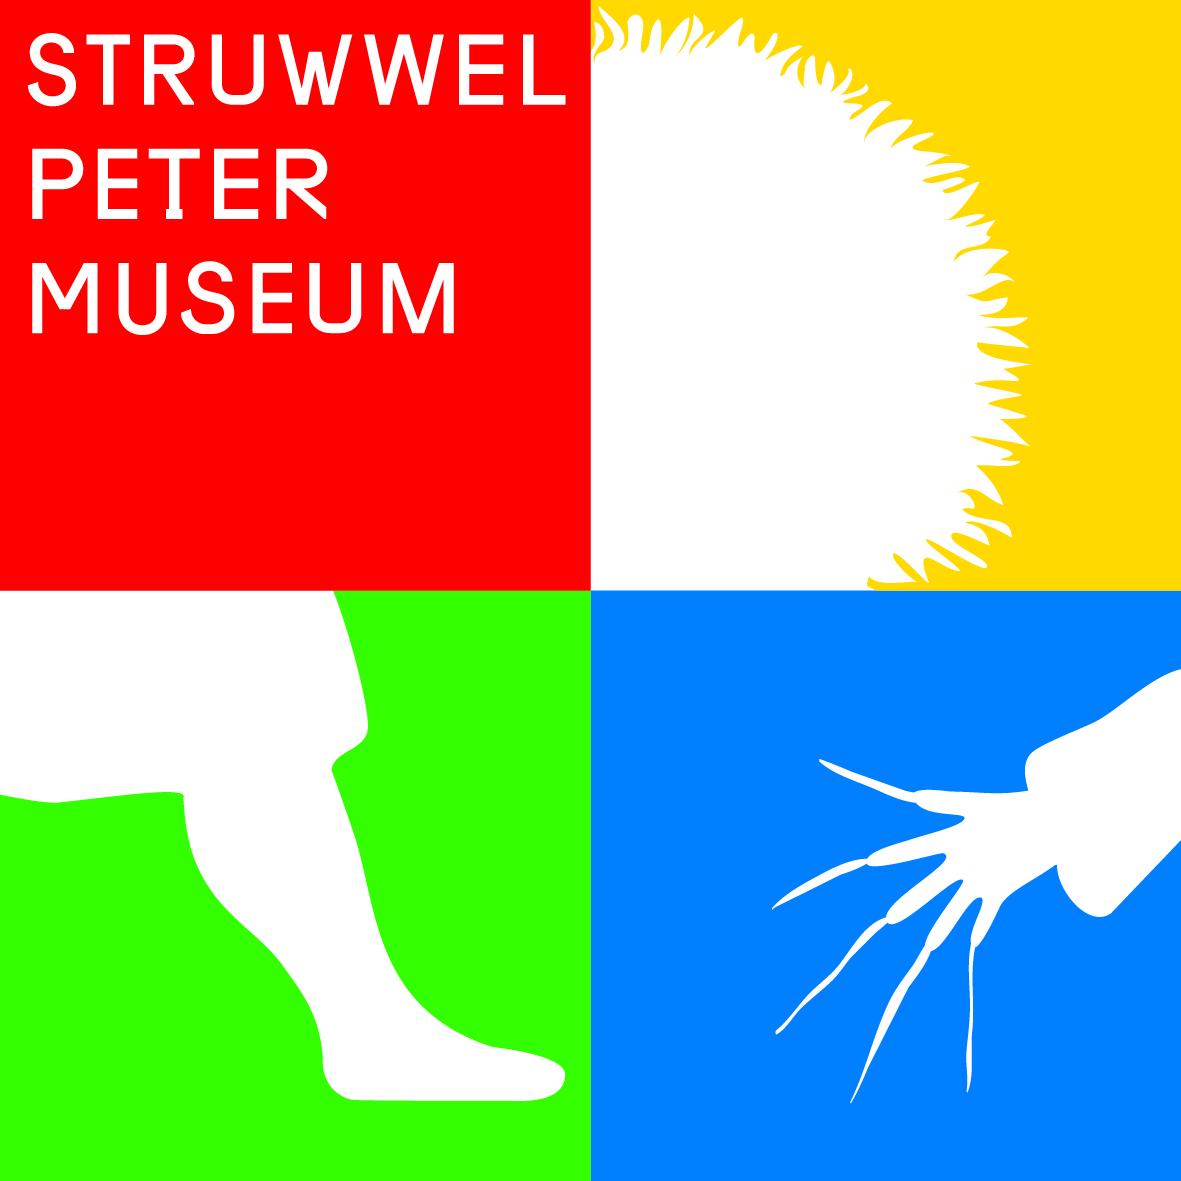 Struwwelpeter Museum Frankfurt am Main